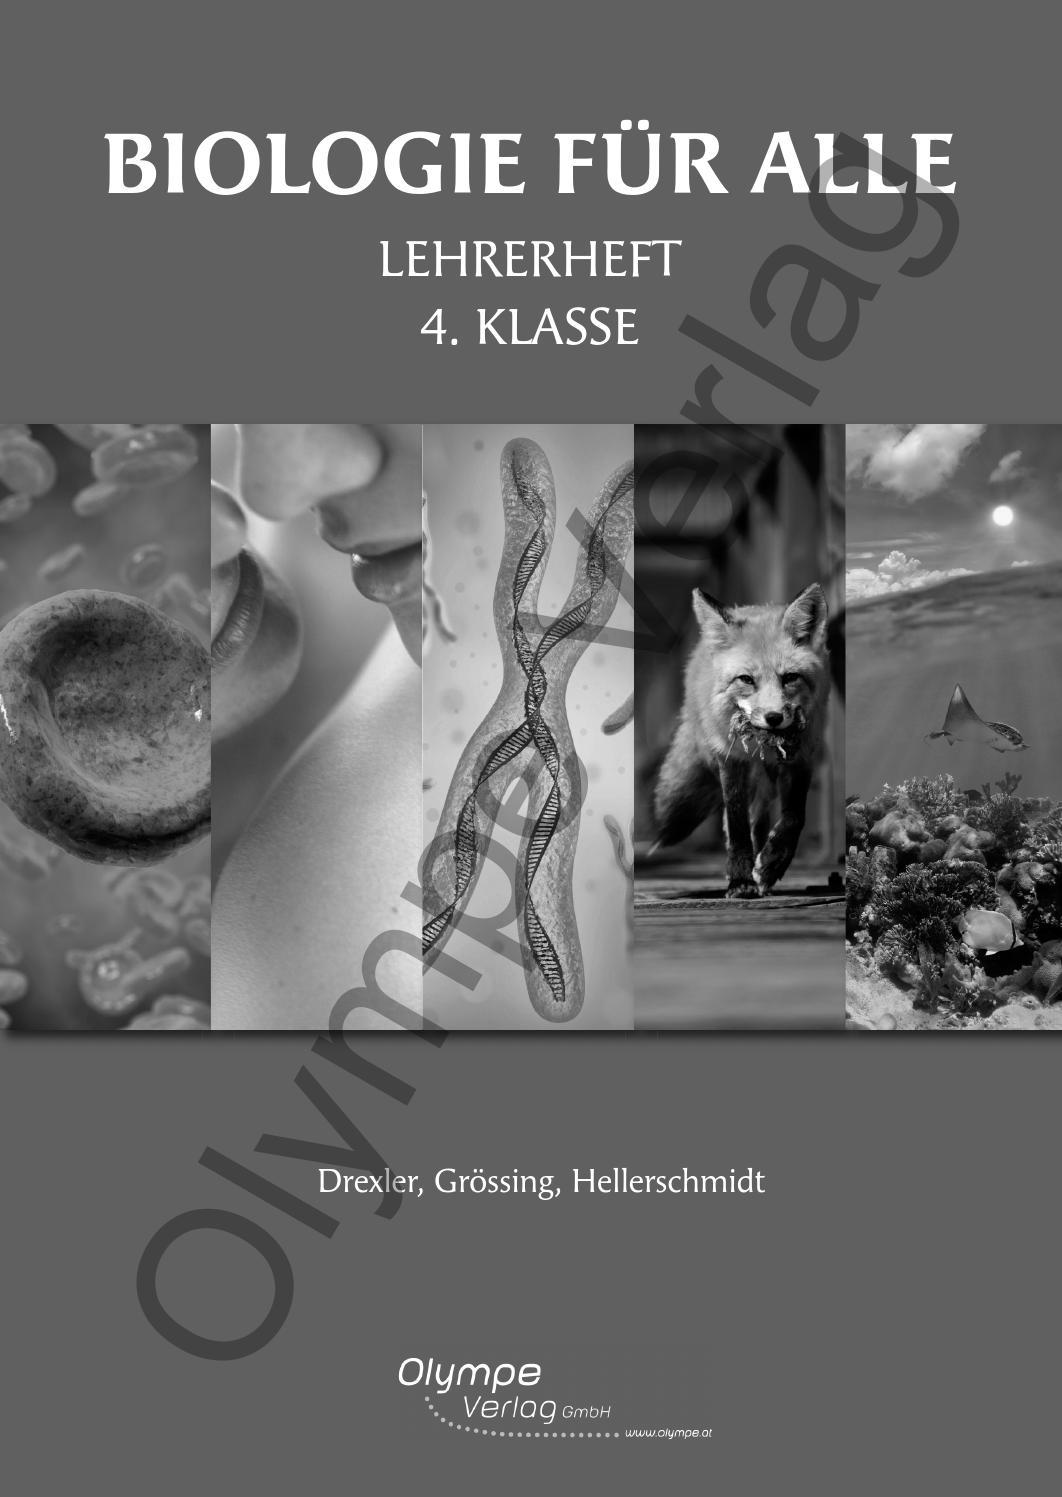 Bu4 lh by Olympe Verlag GmbH - issuu